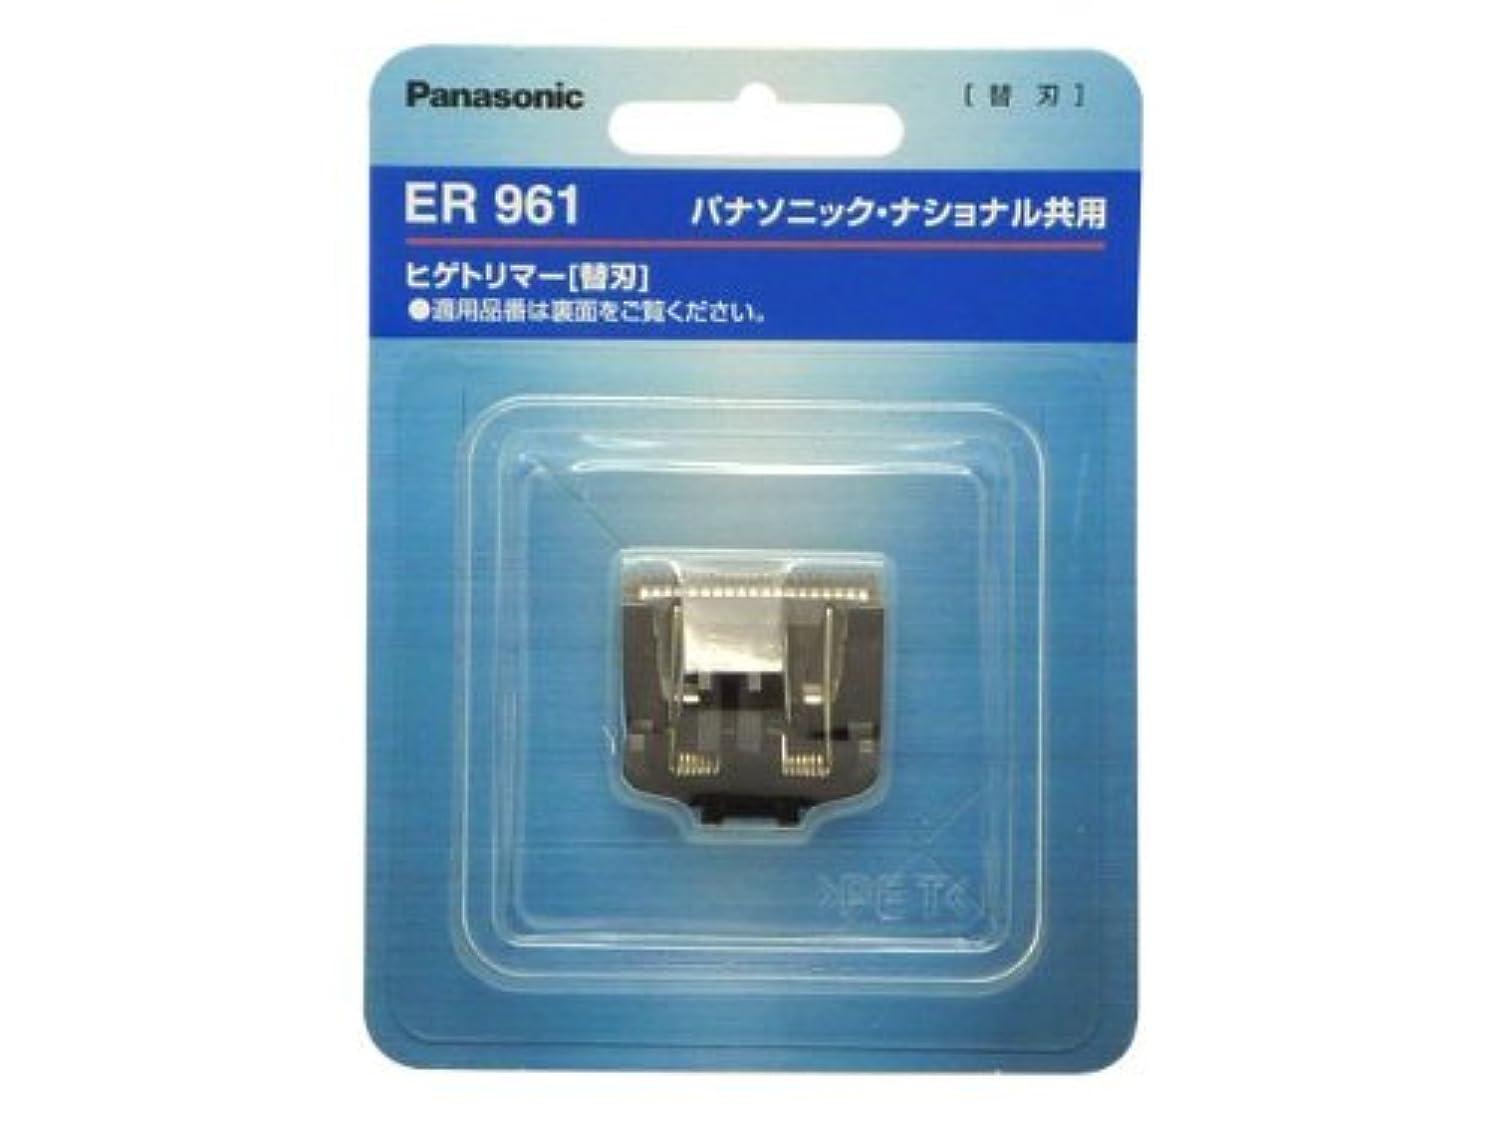 特許誠実踏み台Panasonic メンズグルーミング替刃 ER961